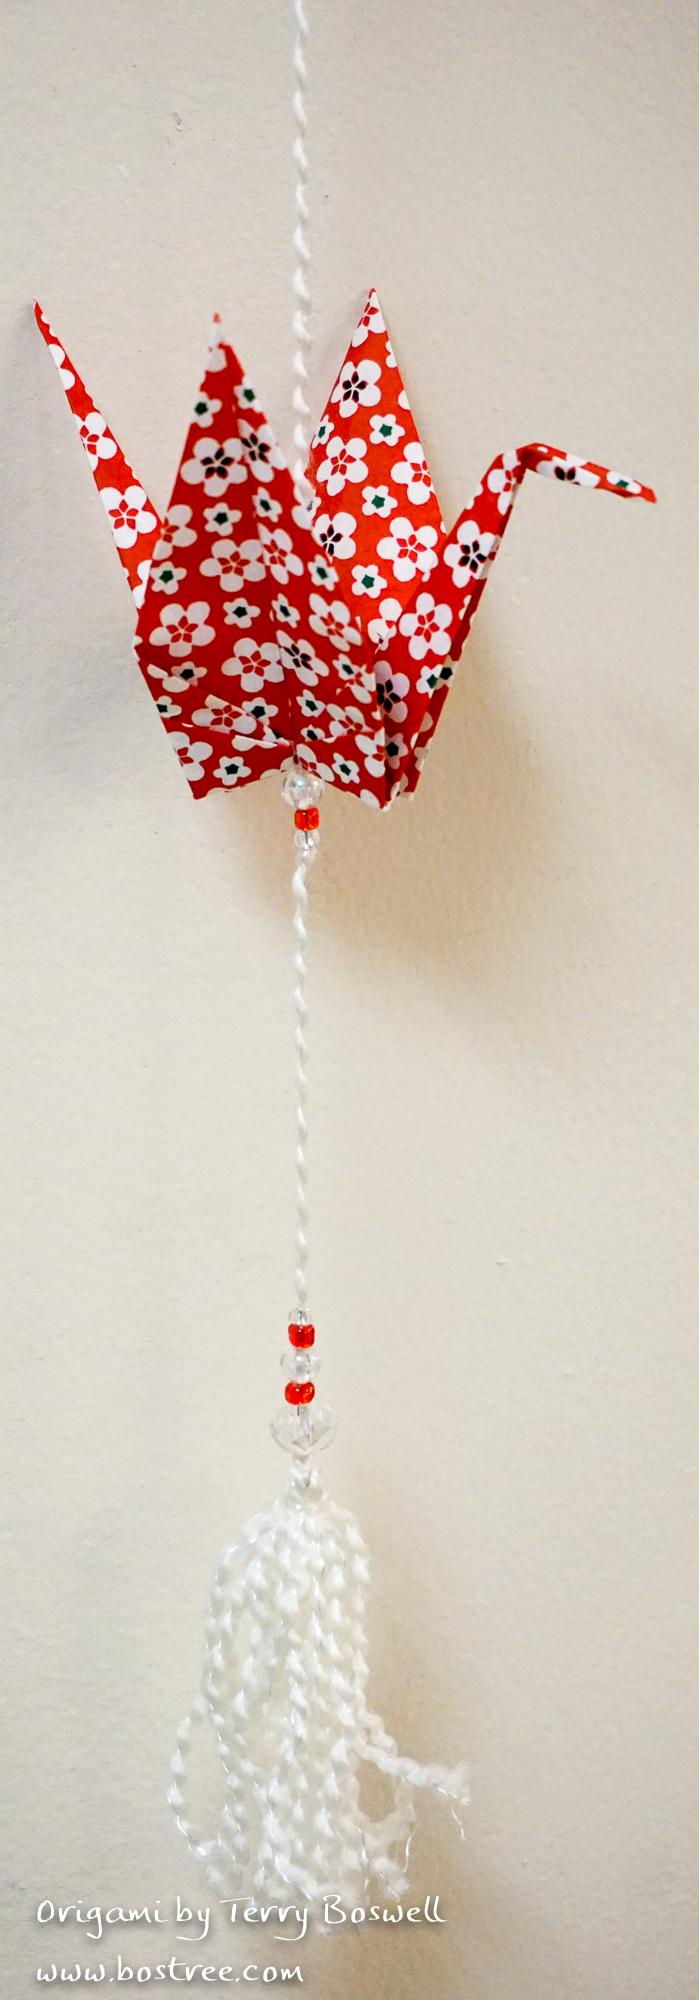 Three Crane Origami Mobile - Red, White